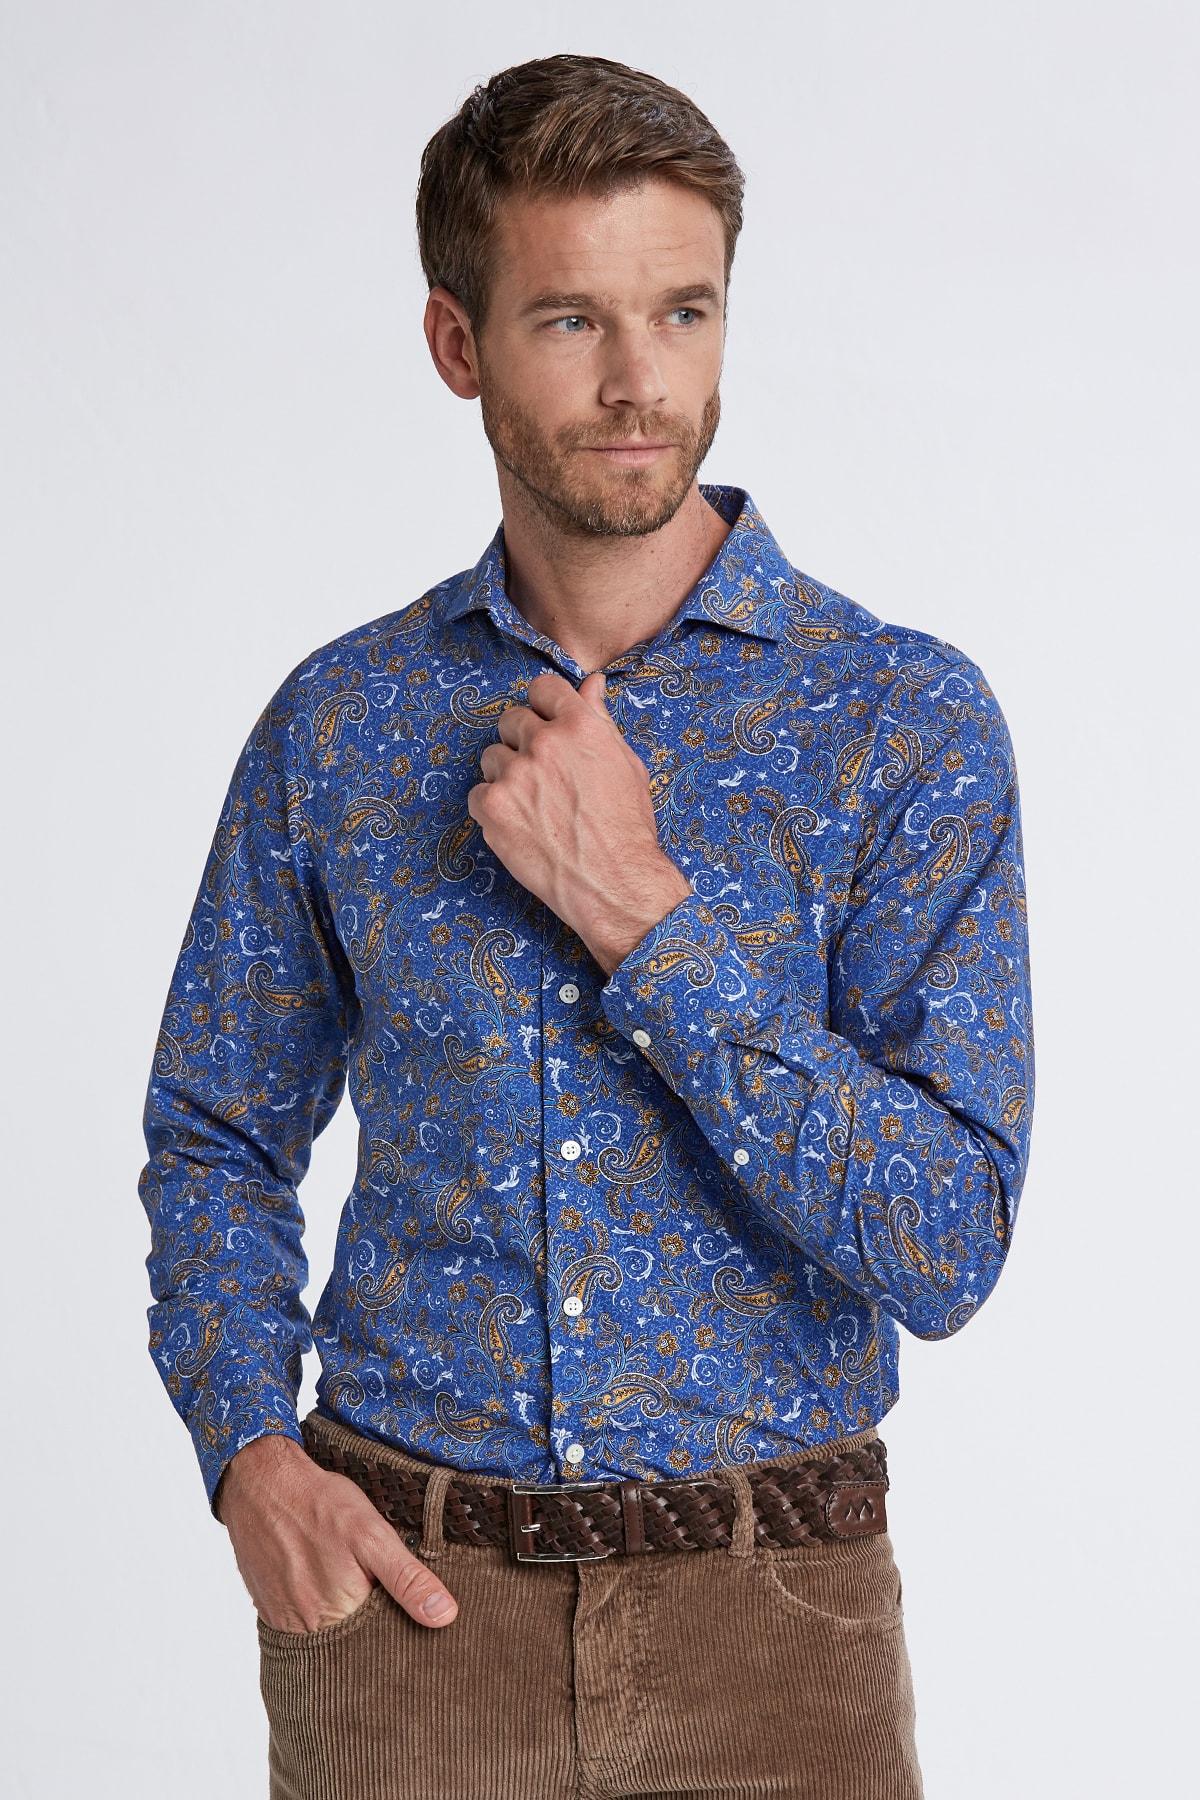 Hemington Erkek Koyu Mavi Desenli Italyan Yaka Pamuk Gömlek 1